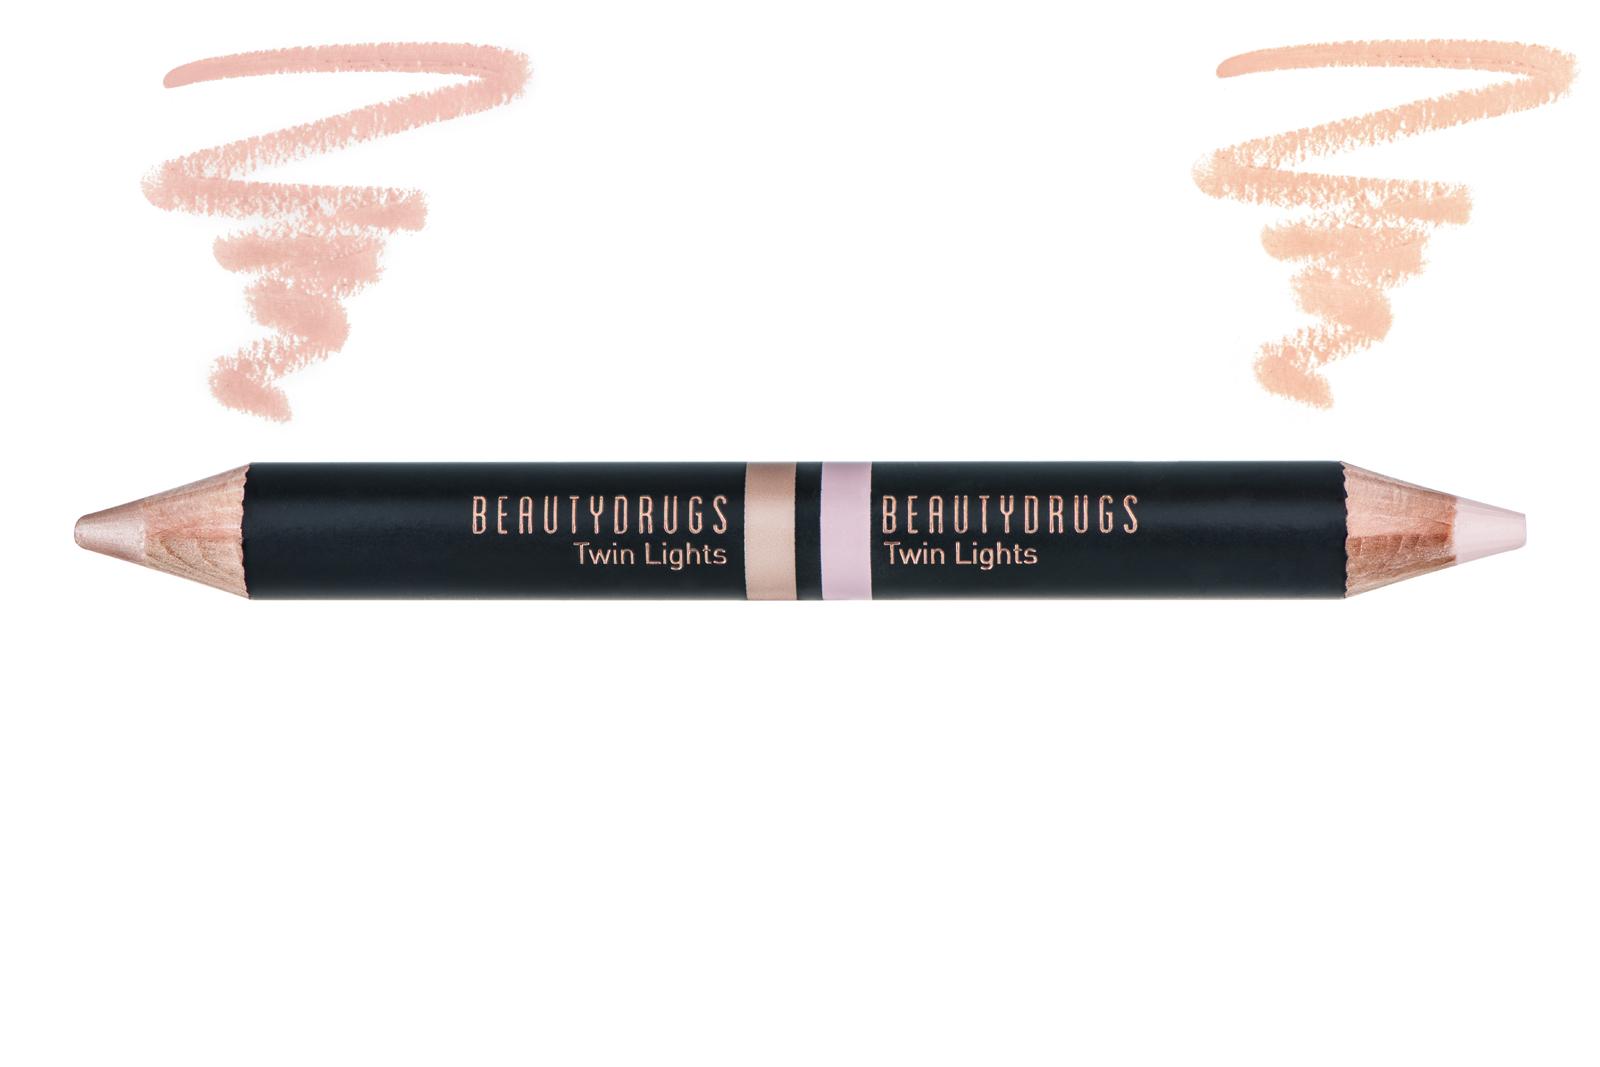 Хайлайтер BEAUTYDRUGS Двойной карандаш-хайлайтер Twin Lights оттенок 02, 5 карандаш хайлайтер